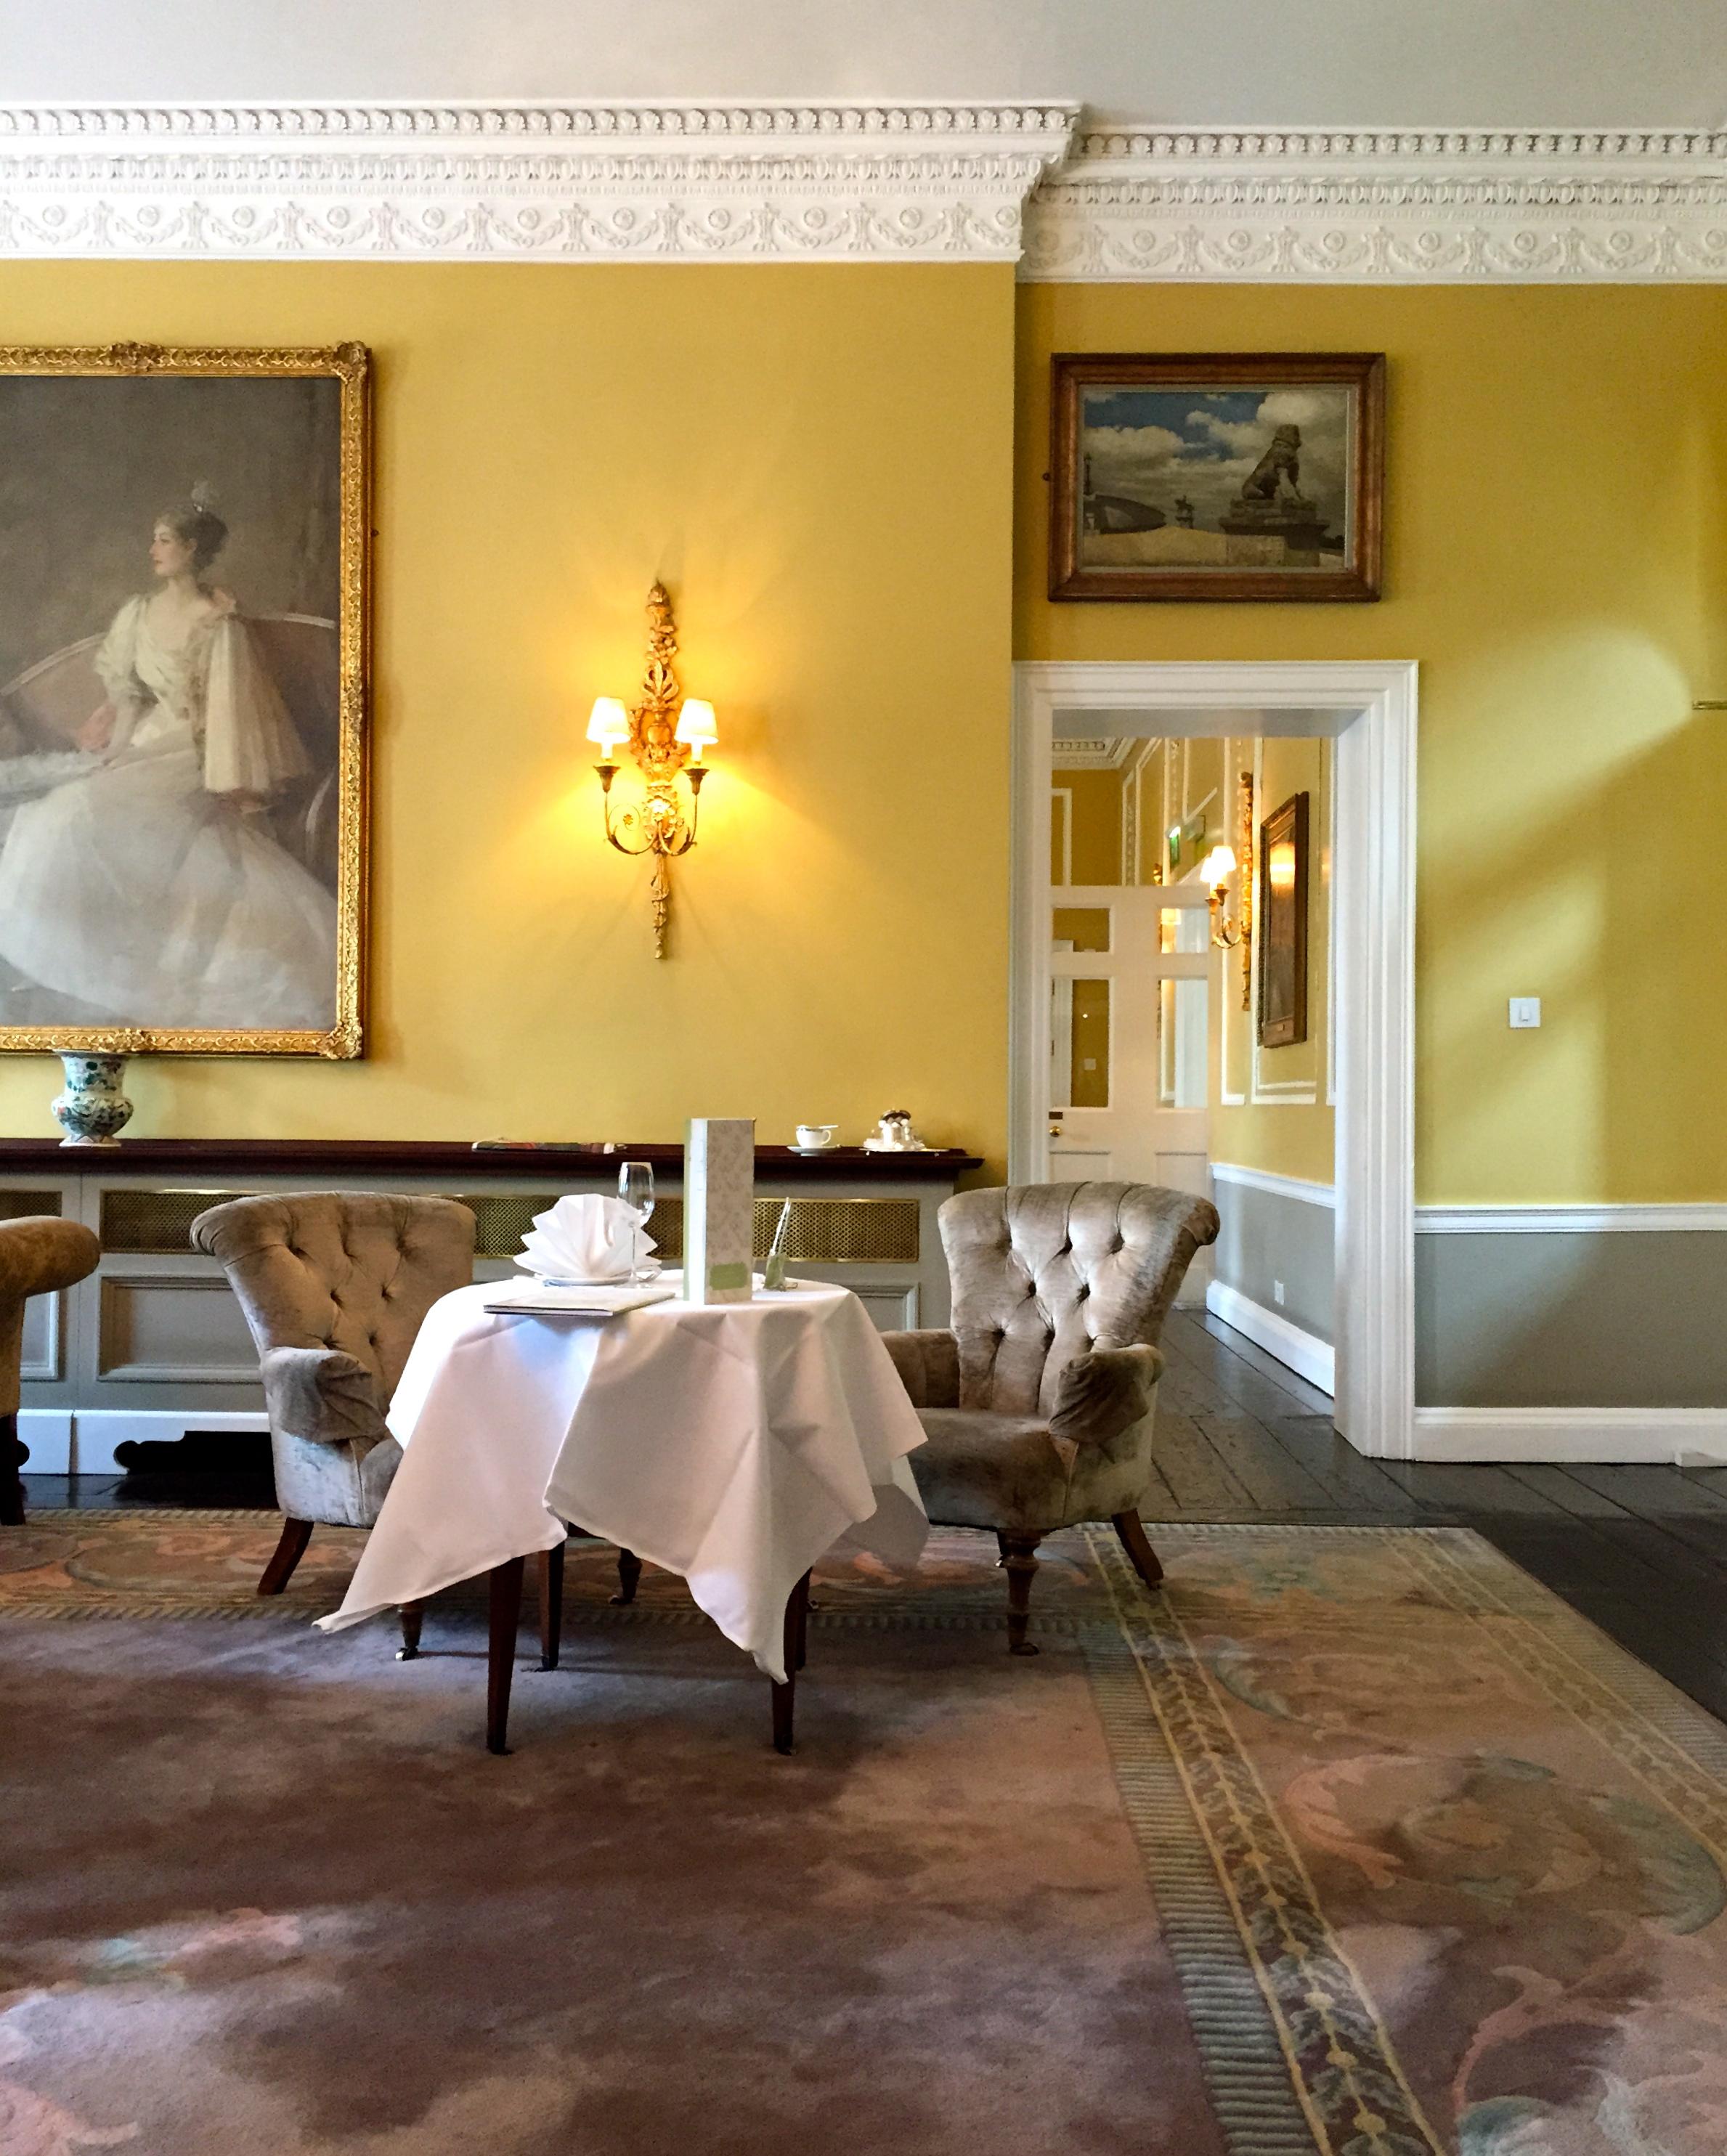 Afternoon Tea, The Merrion Hotel, Dublin, Ireland.